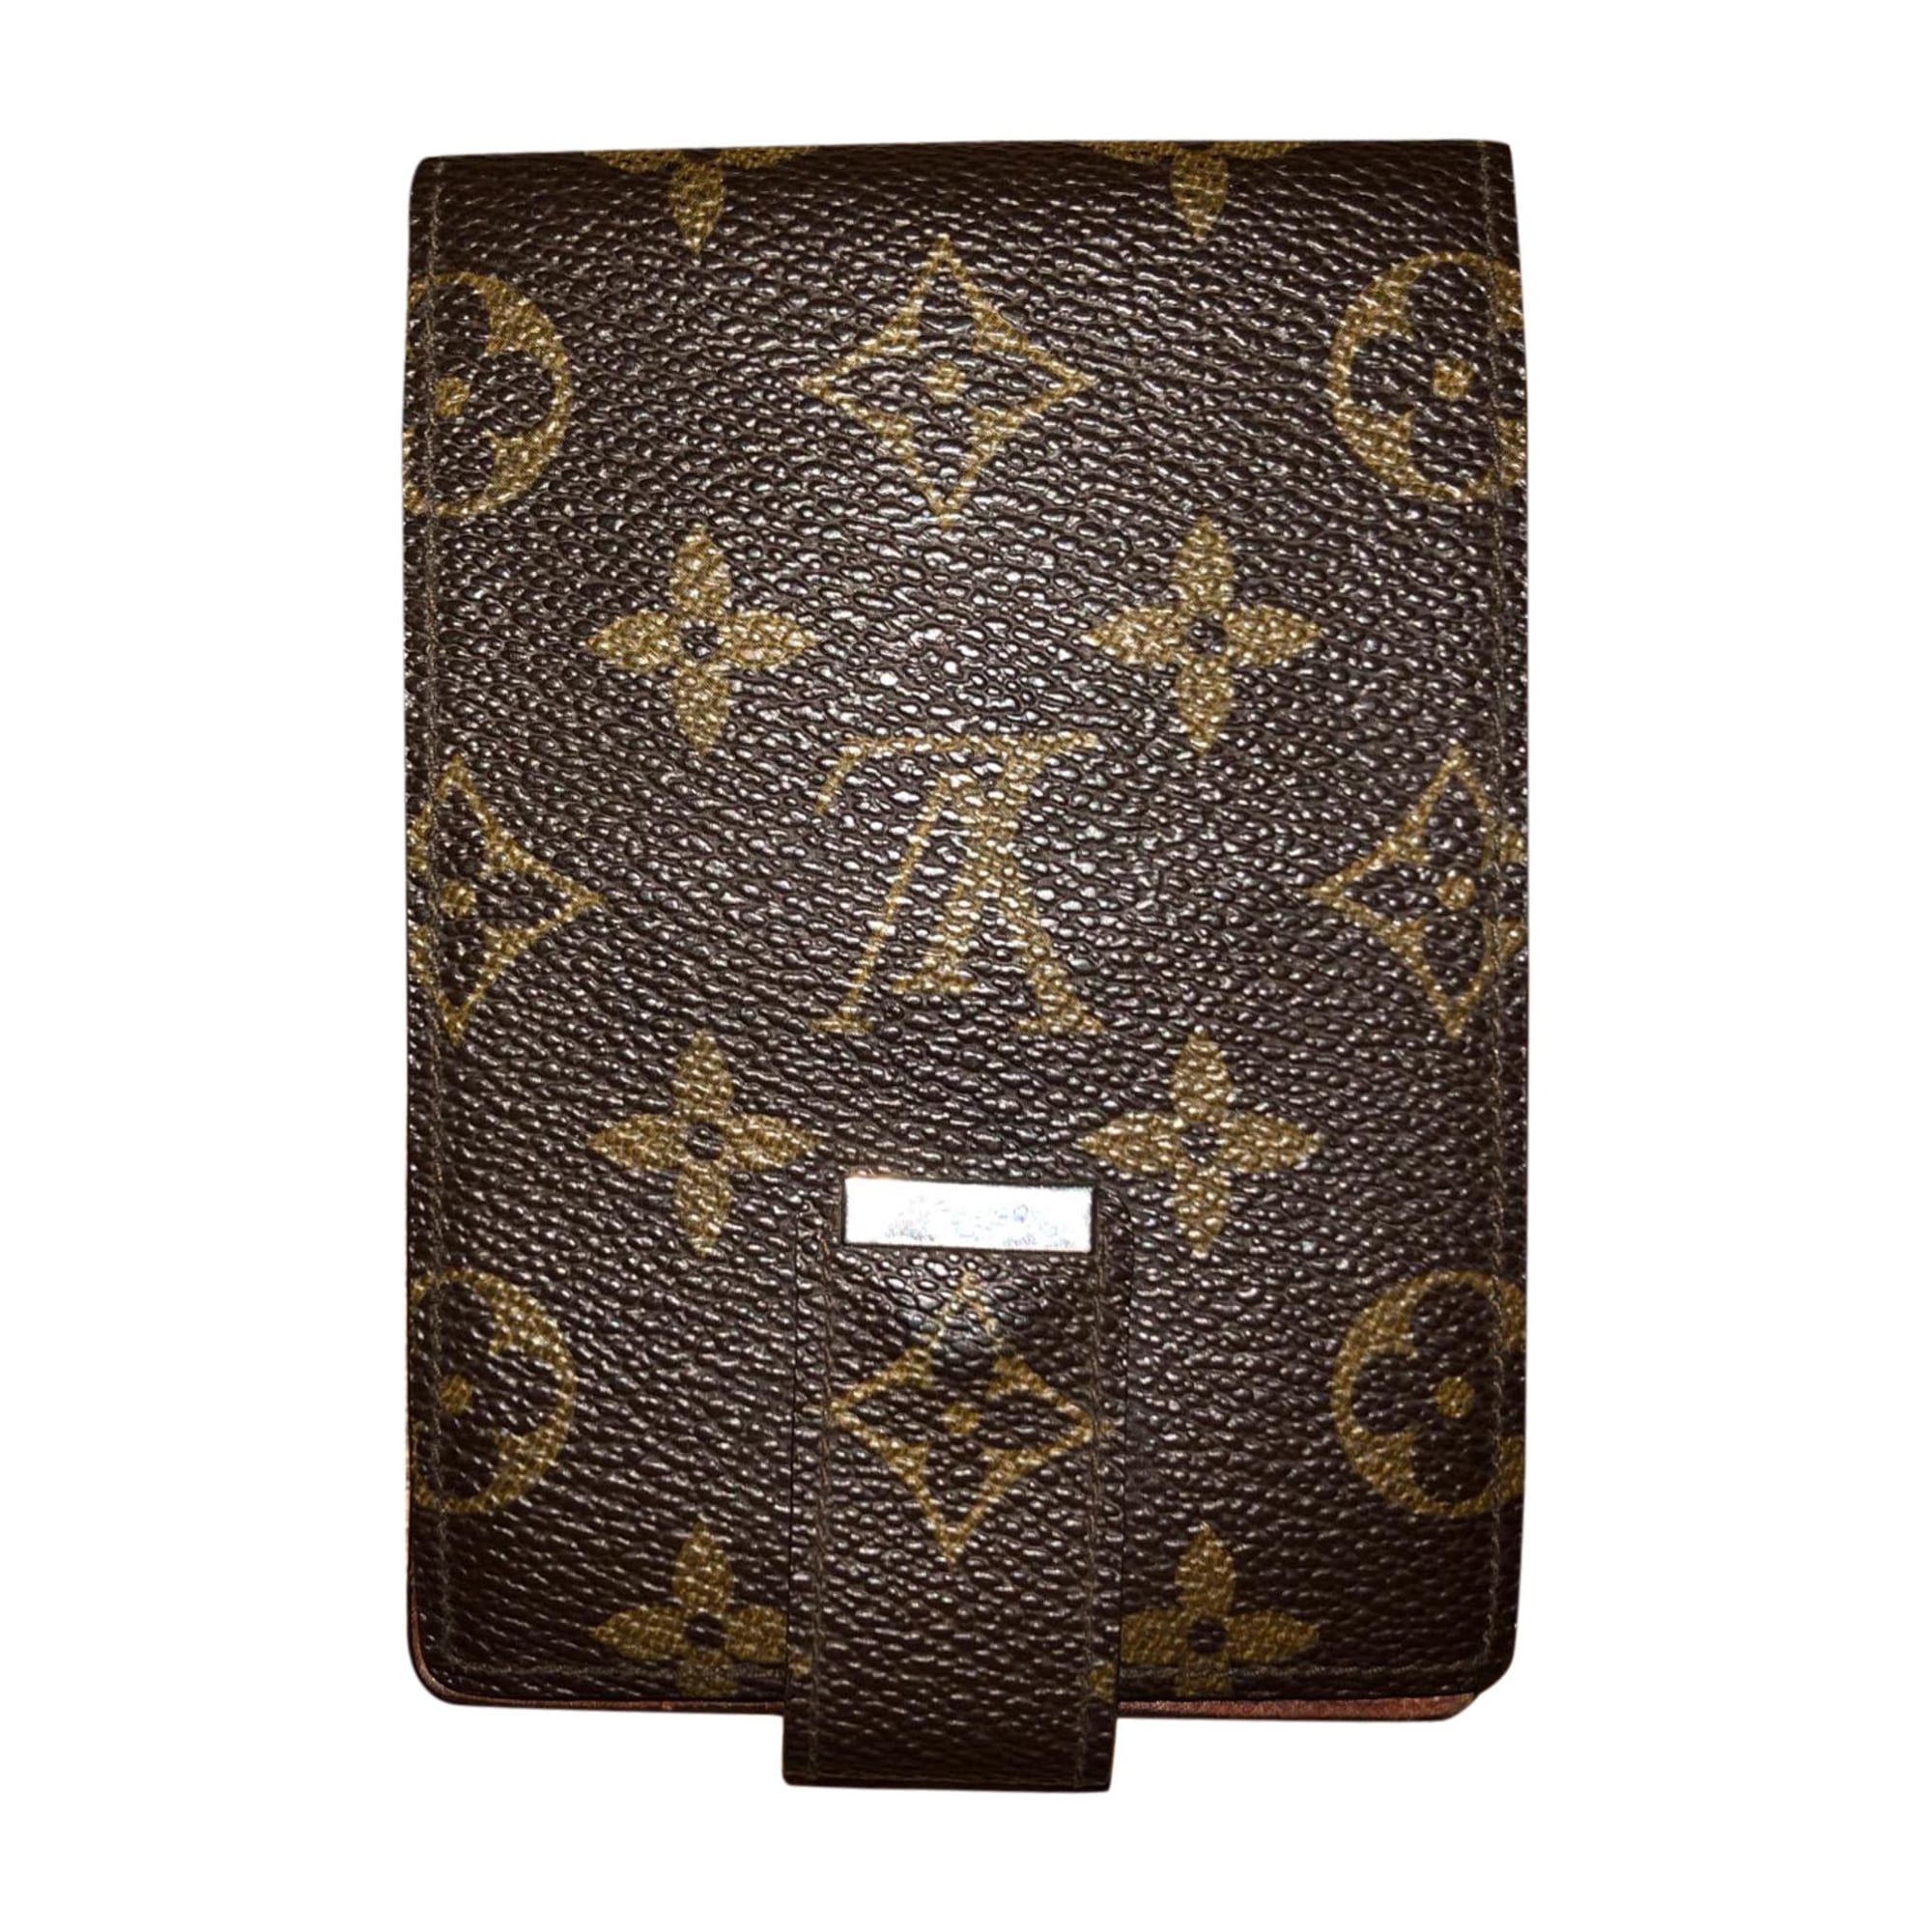 Porte ch quier louis vuitton marron vendu par mimi 1470 7211777 - Porte chequier louis vuitton ...